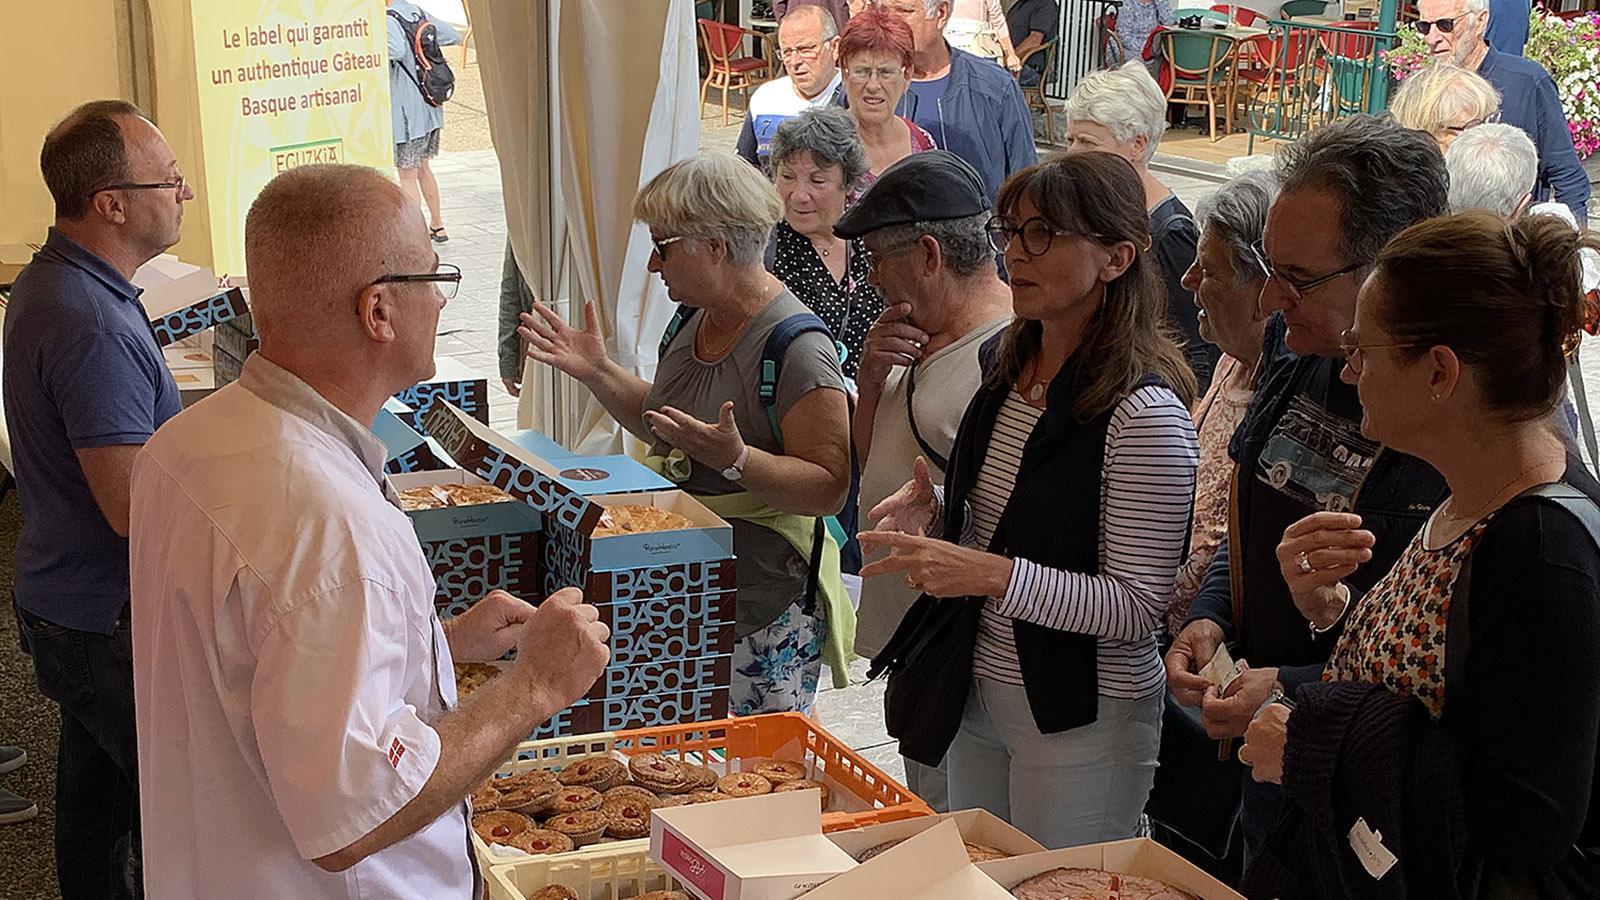 An den Gâteau-Basque-Ständen herrscht besonders großer Andrang. Großzügig werden Kuchenkostproben verteilt. Foto: Hilke Maunder